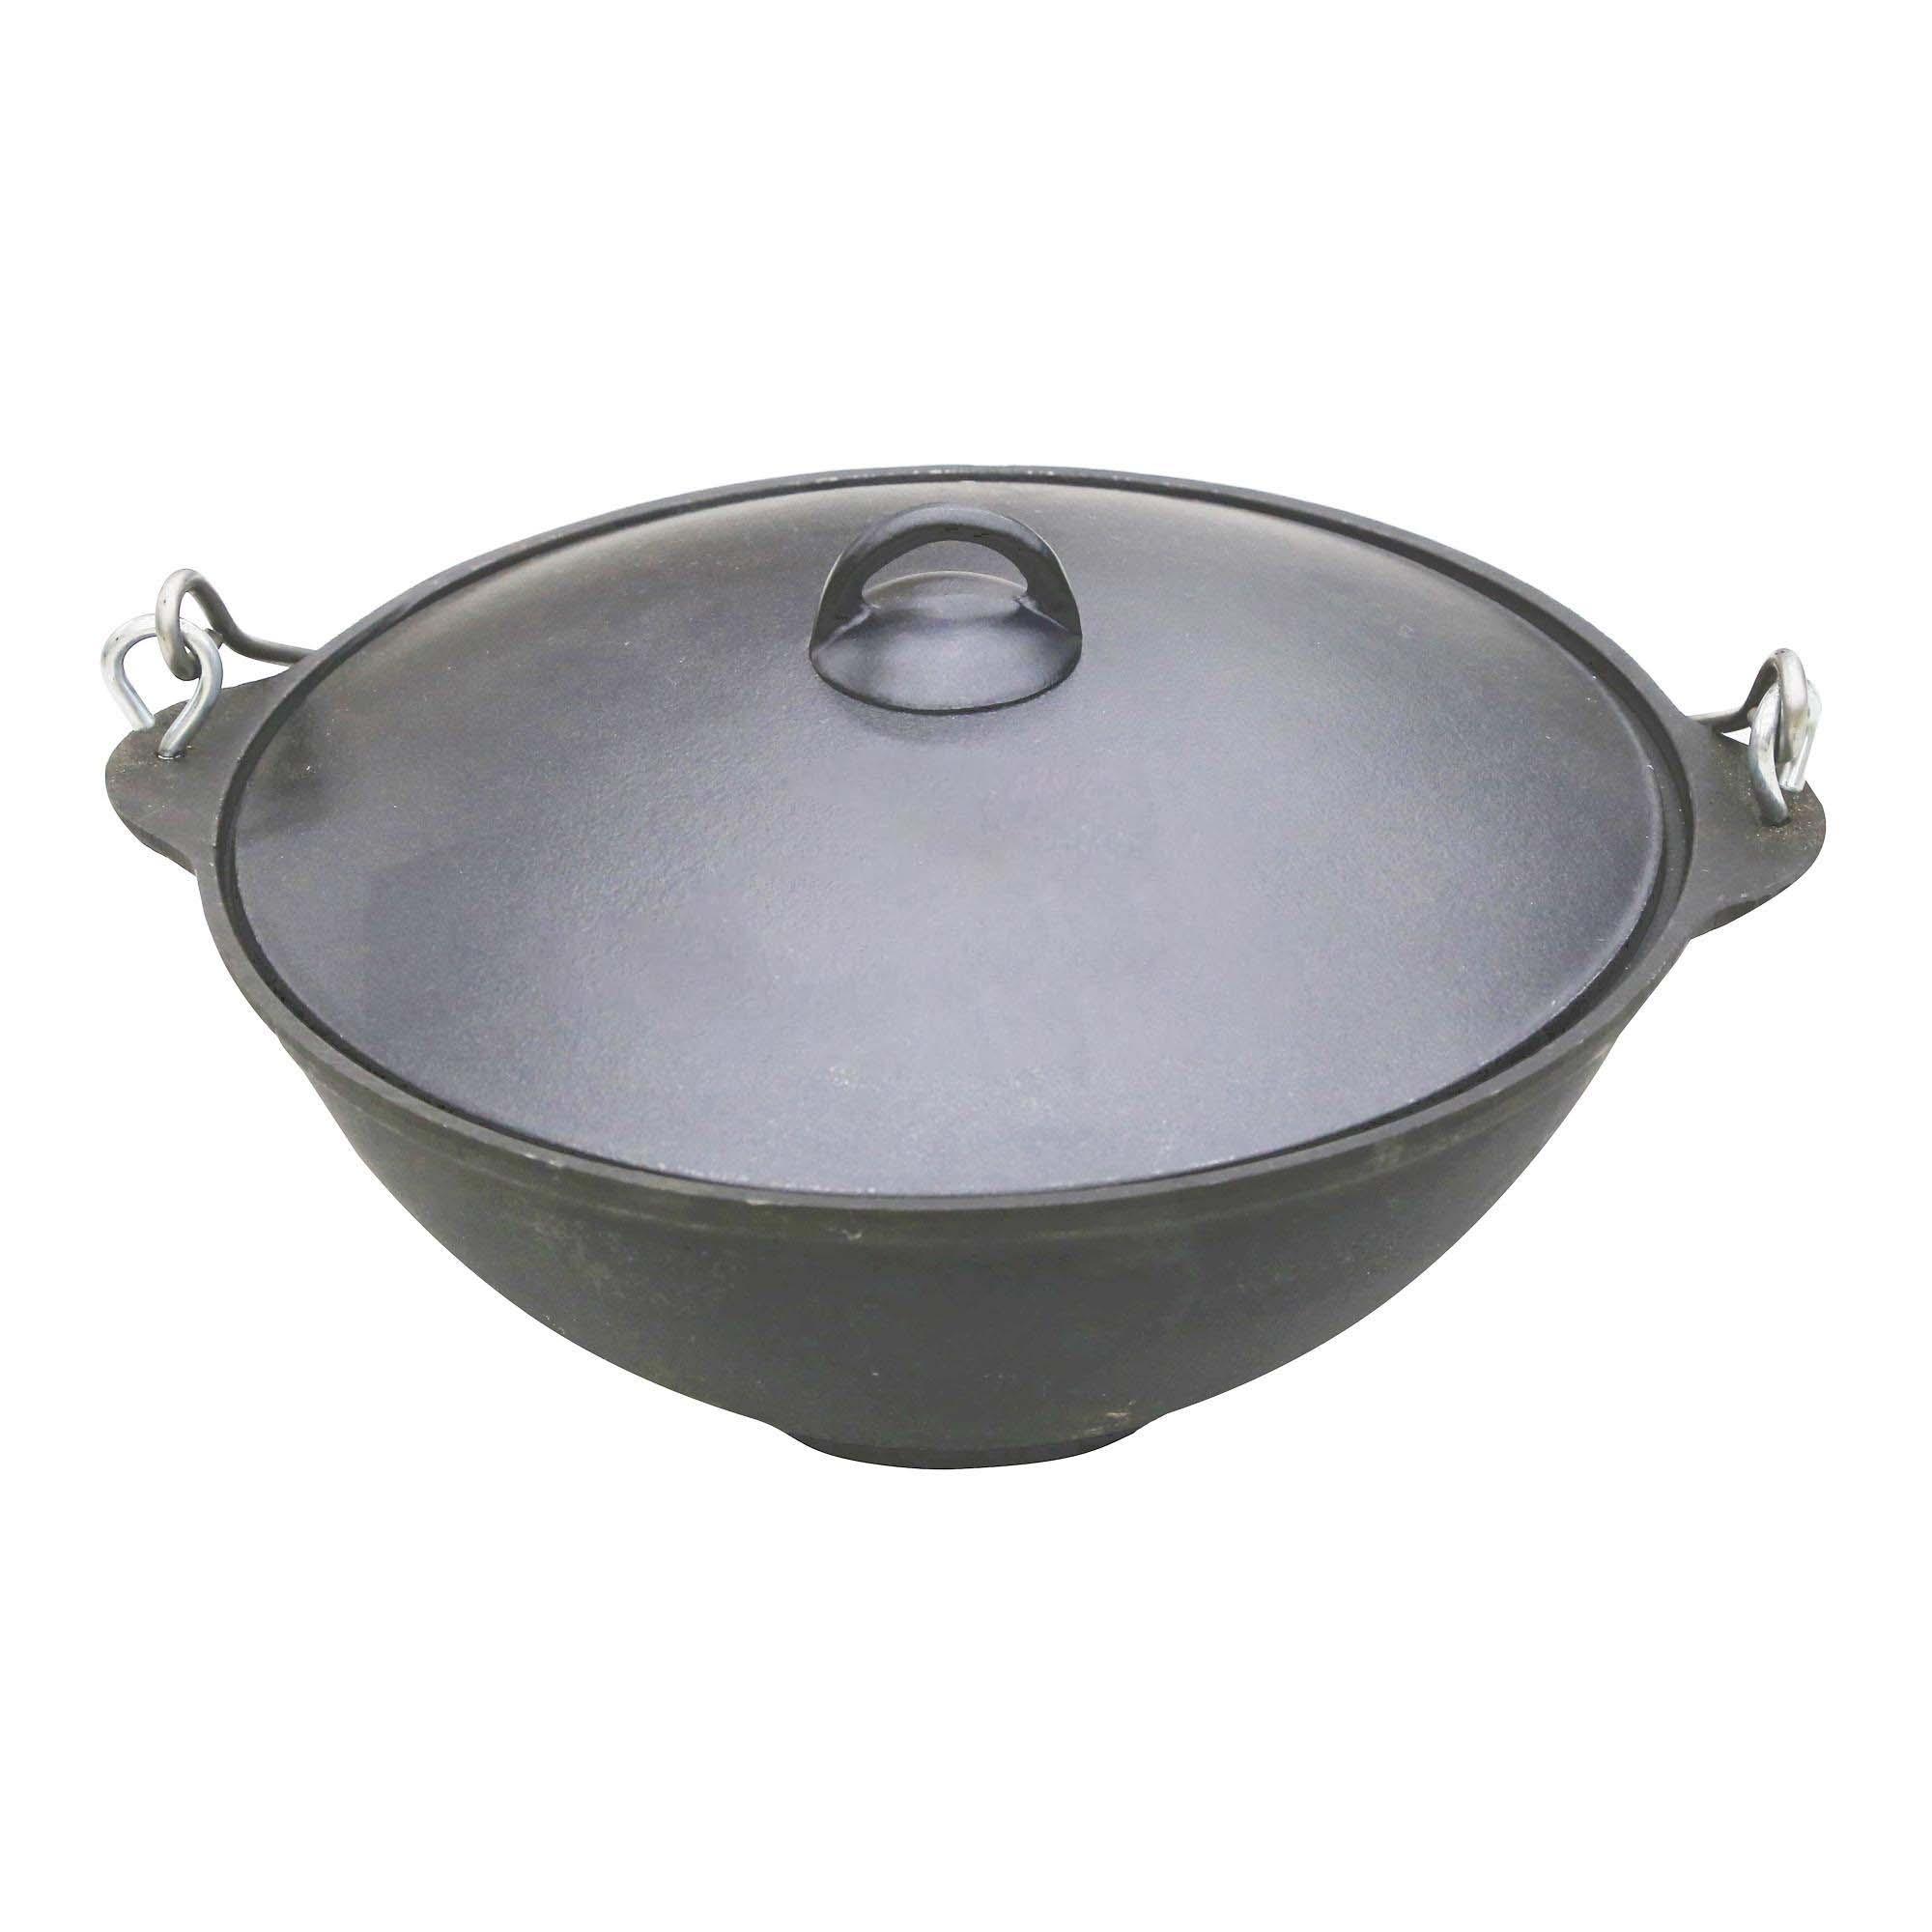 Купить Казан Болезино Чаша азиатская чугун 8 л (13027), Россия, черный